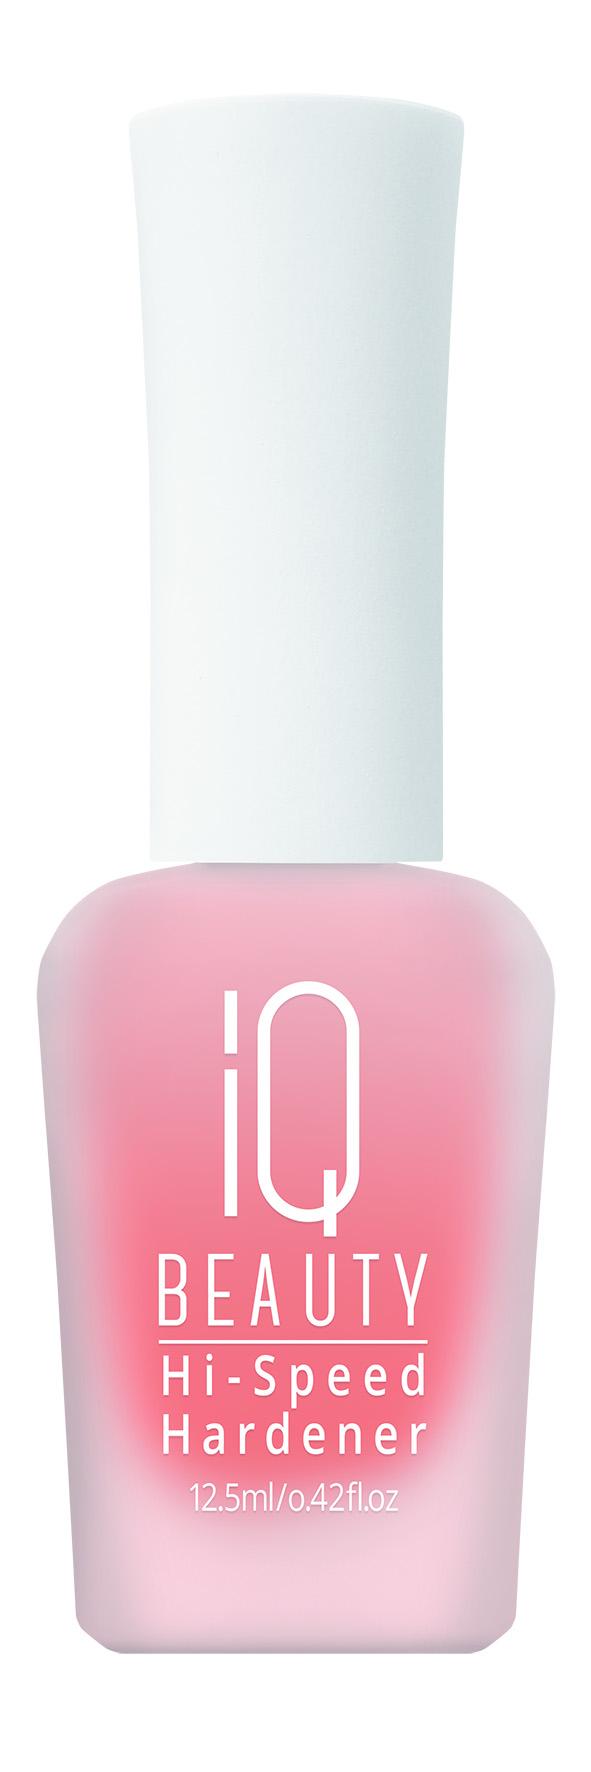 IQ BEAUTY Укрепитель глянцевый для ногтей/Hi-Speed Hardener 12,5млЛечебные средства<br>Природный каротиноид предохраняет от неблагоприятных факторов внешней среды. Антиоксидант. Каротиноид   это вещество, которое преобразуется в витамин А в организме. Натуральный краситель. Экстракт бамбука является богатейшим источником кремневой кислоты. Также содержит : полисахариды, аминокислоты, витамины, минеральные соли. Кремниевая кислота укрепляет ногтевую пластину. Снабжает питательными веществами. Активные ингредиенты: природный каротиноид (CI 77120). Экстракт бамбука обыкновенного (BAMBUSA VULGARIS EXTRACT). Кремниевая кислота (SILICA).<br><br>Объем: 12,5 мл